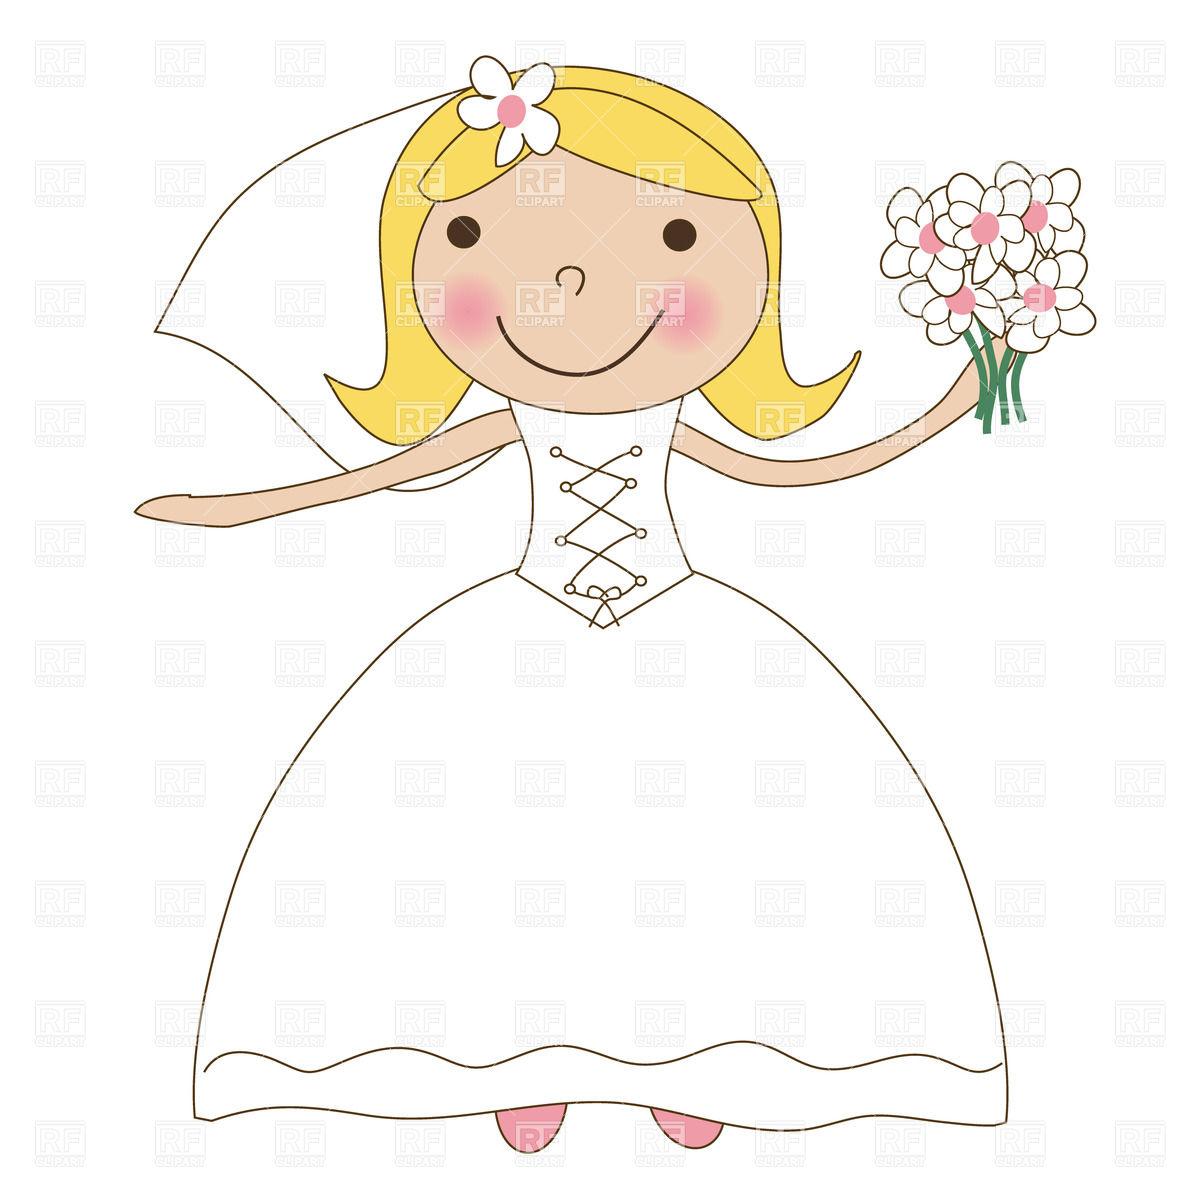 Bride Clip Art u0026 Bride Clip Art Clip-Bride Clip Art u0026 Bride Clip Art Clip Art Images - ClipartALL clipartall.com-13